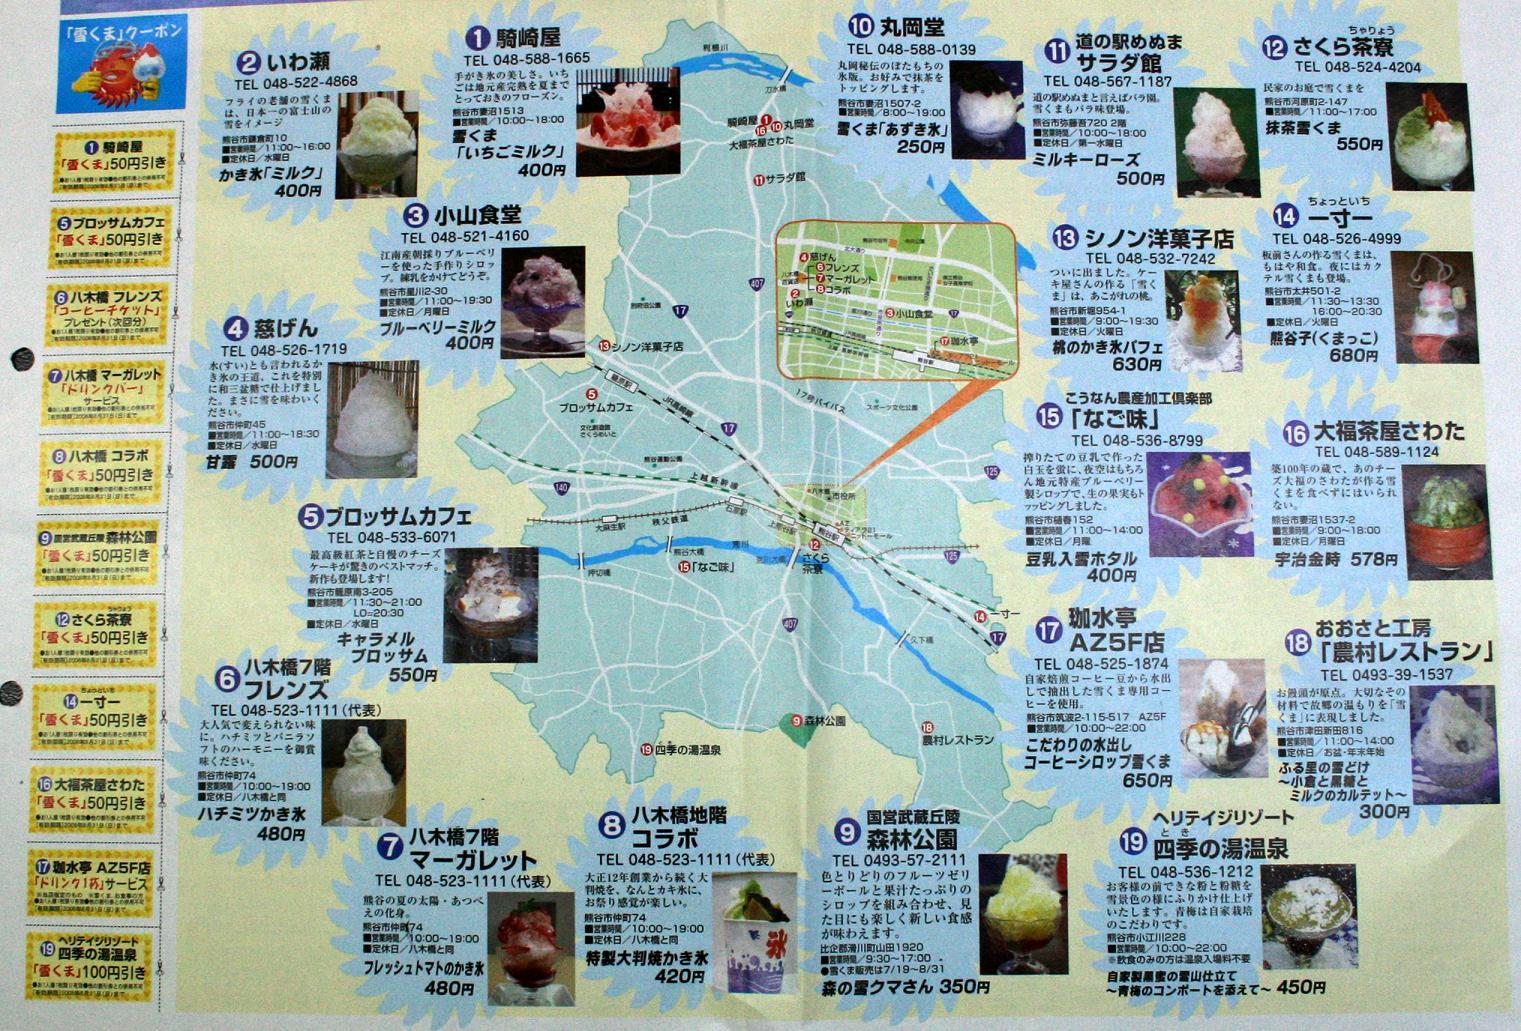 雪くま           熊谷のまちづくり_a0107574_19494913.jpg